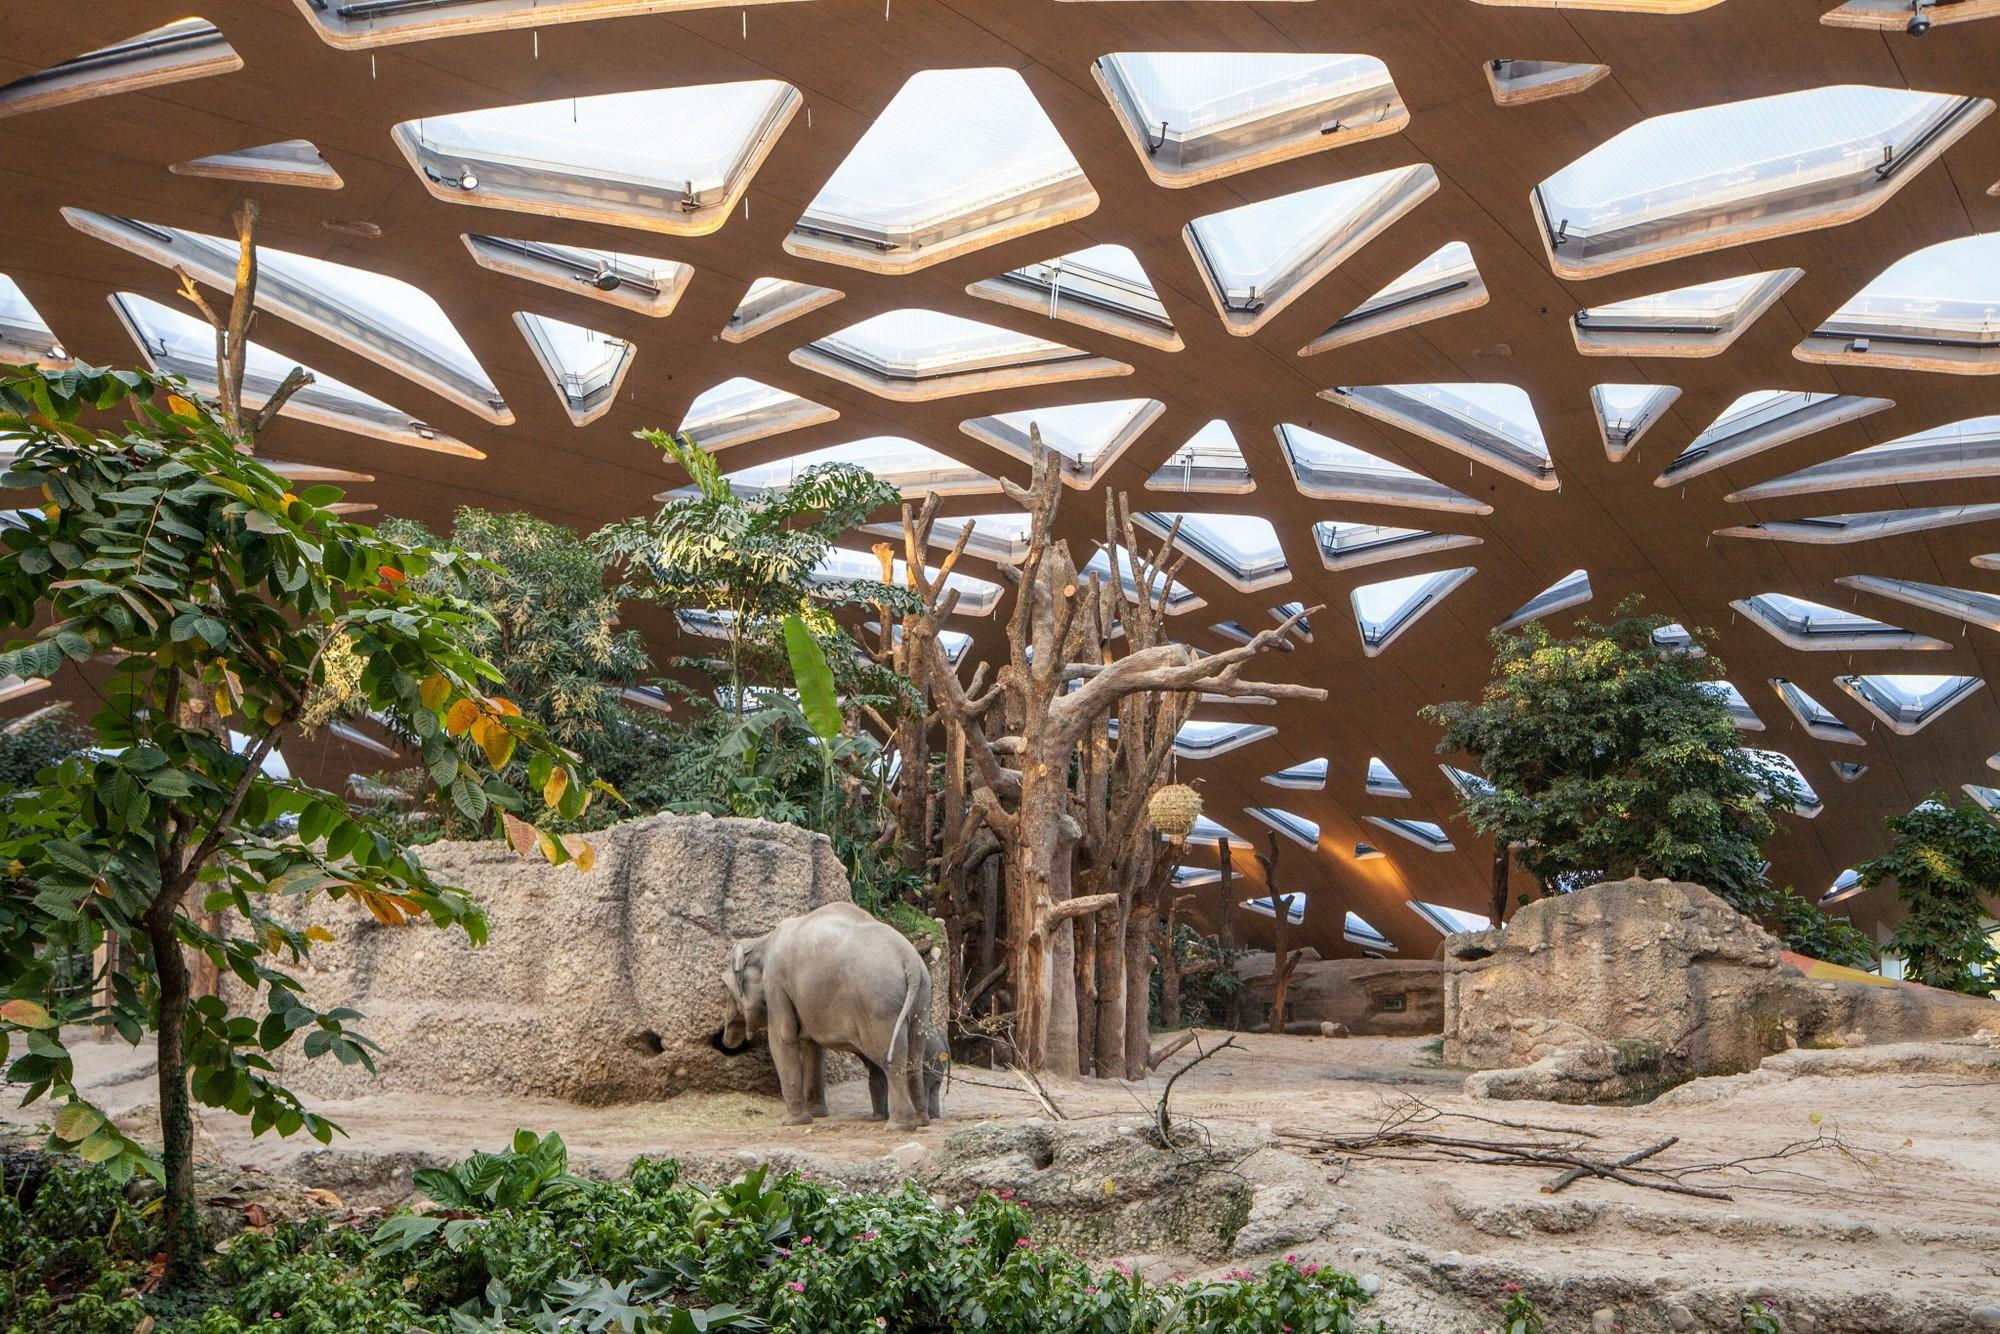 Zoo Restaurant Building Cost